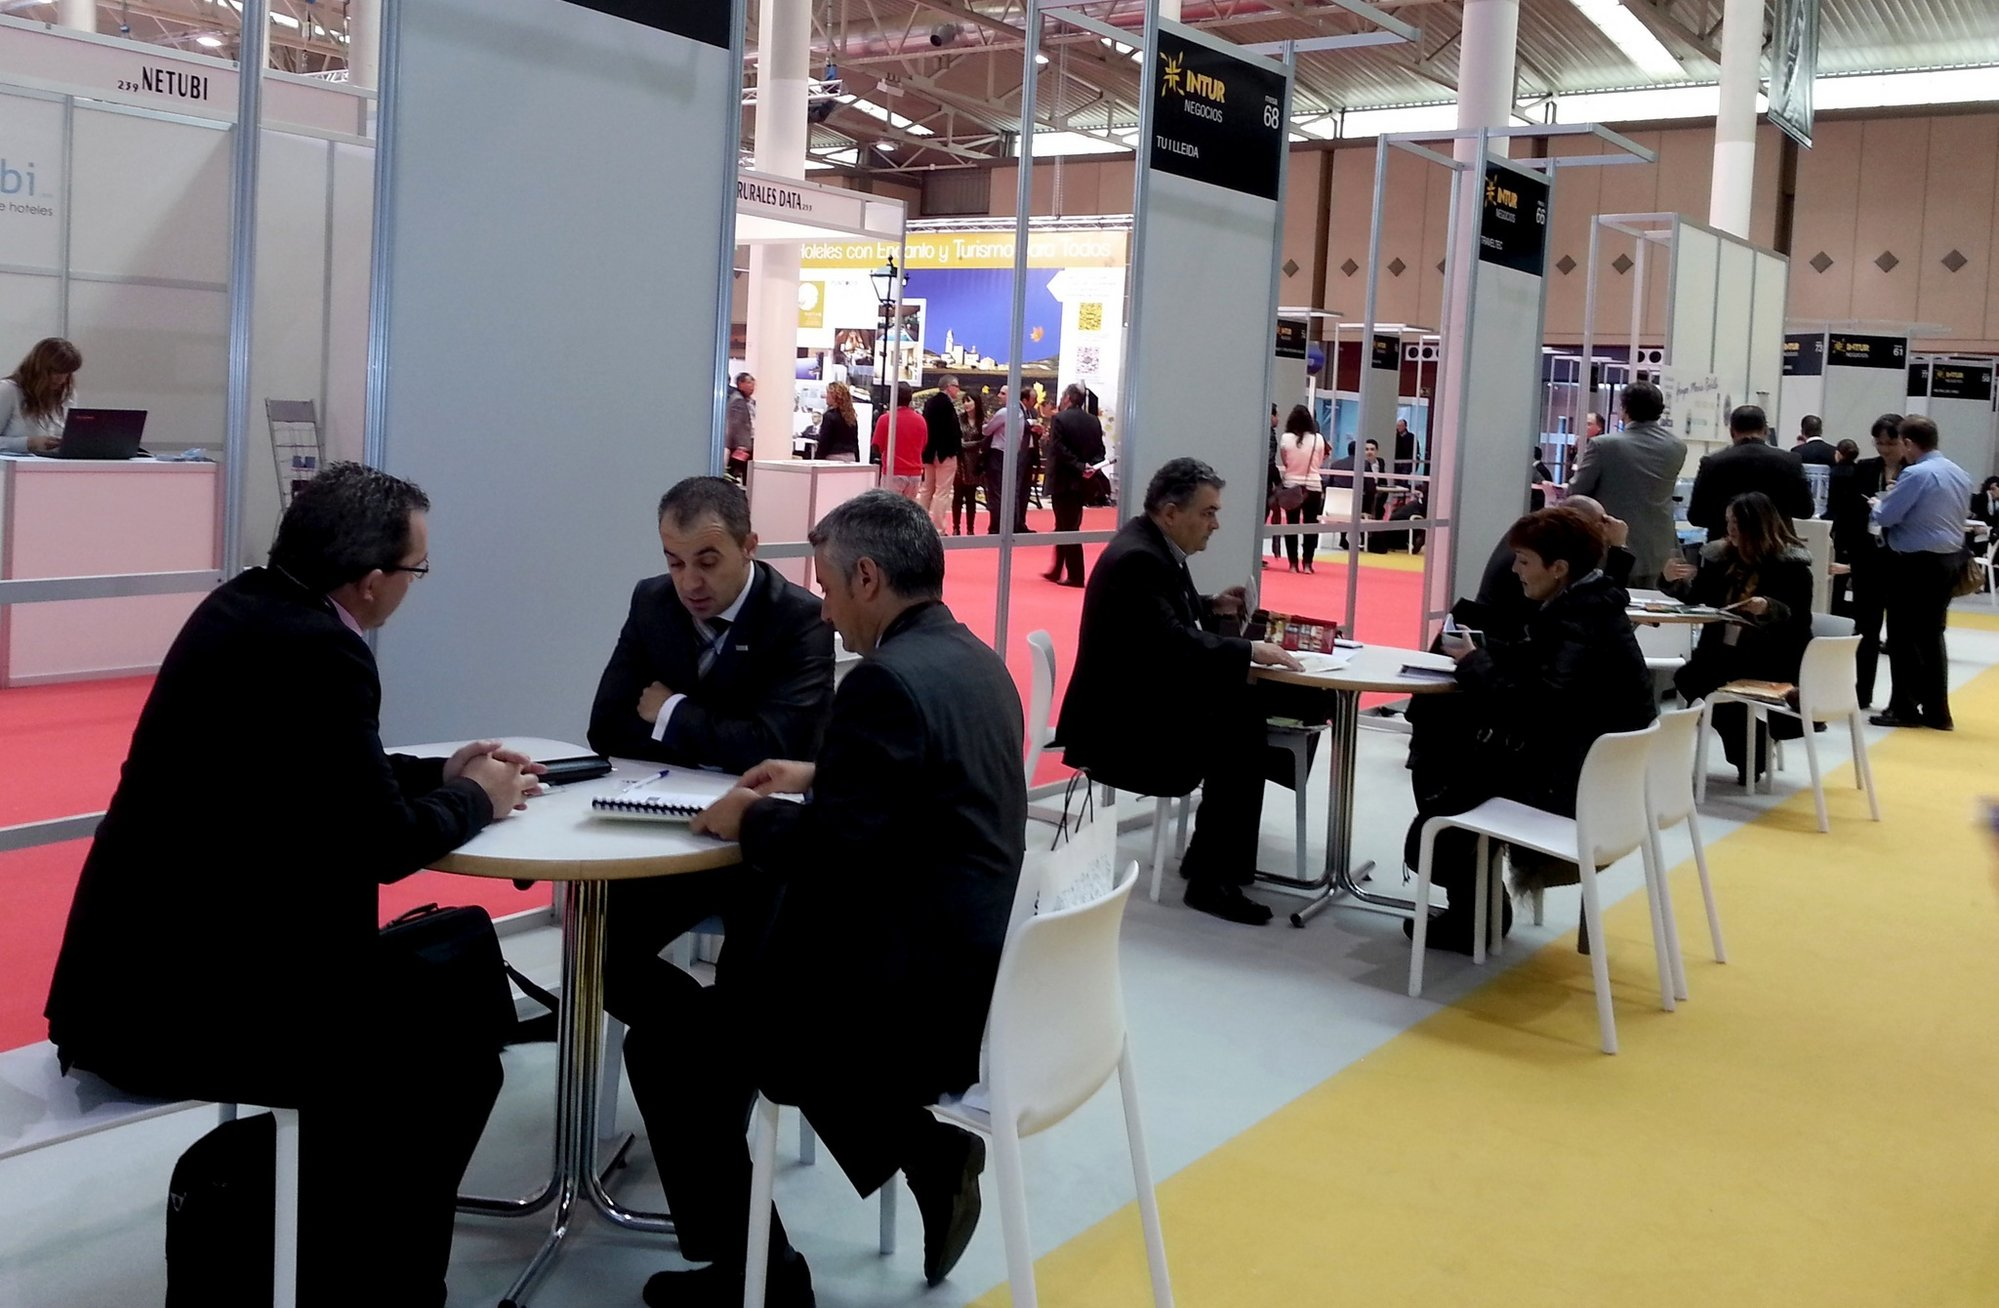 La Junta destaca que el área de negocios ha propiciado cerca de 18.000 contactos comerciales durante la Feria